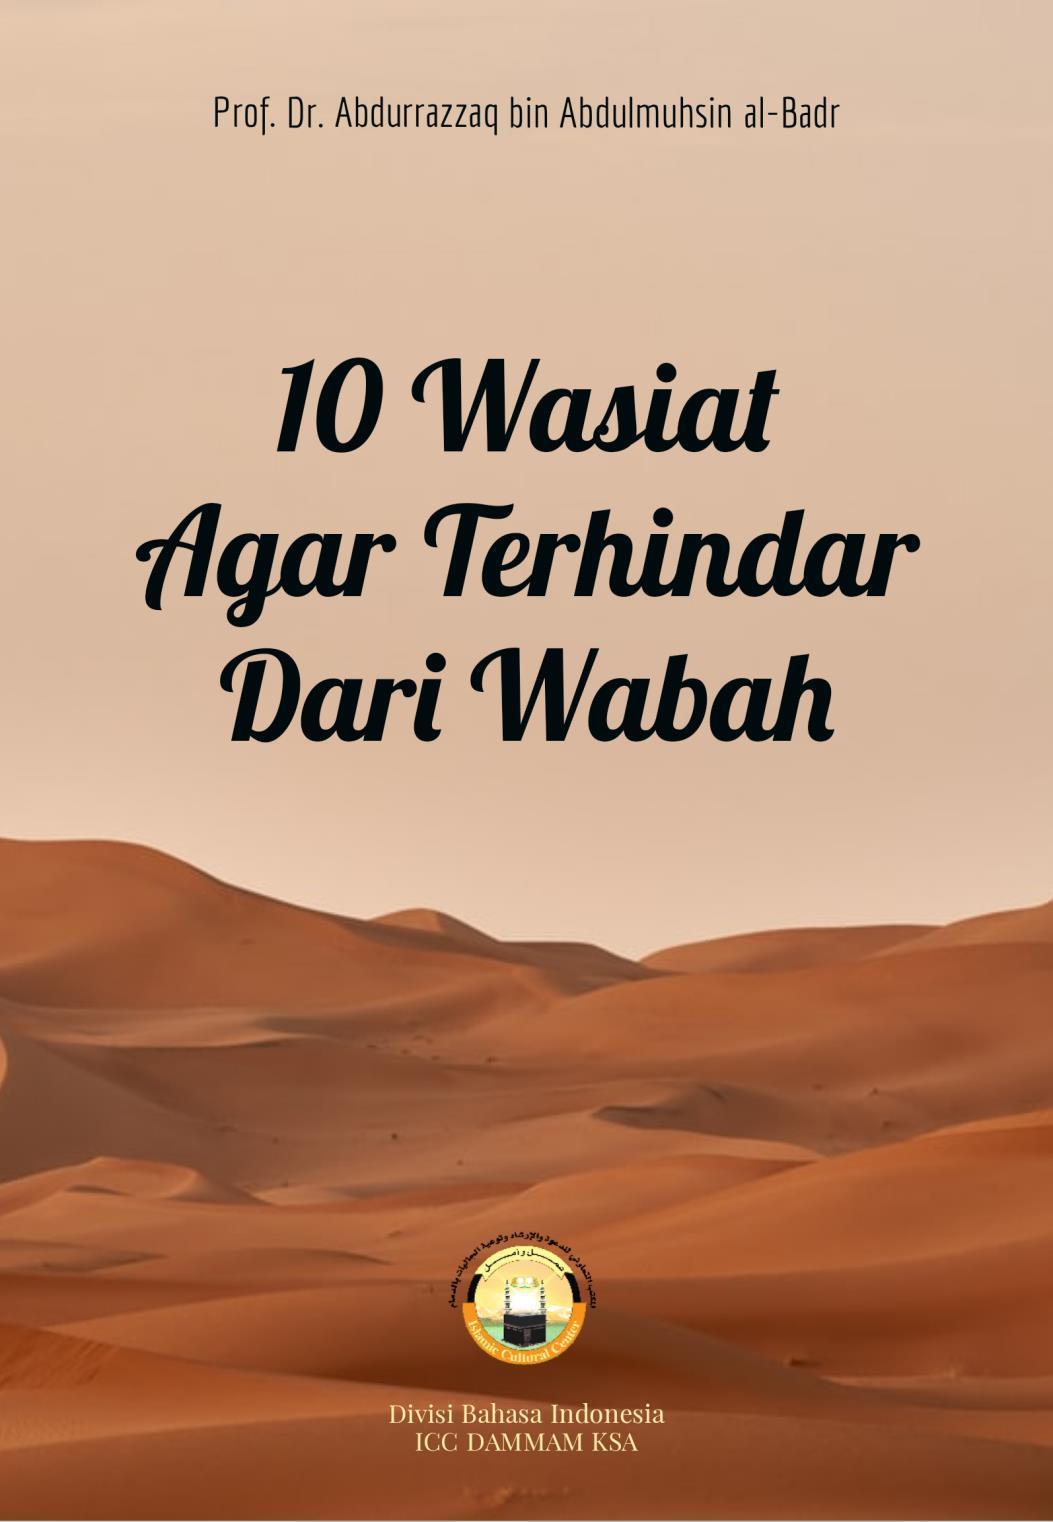 Sampul Buku 10 Wasiat Agar Terhindar Dari Wabah